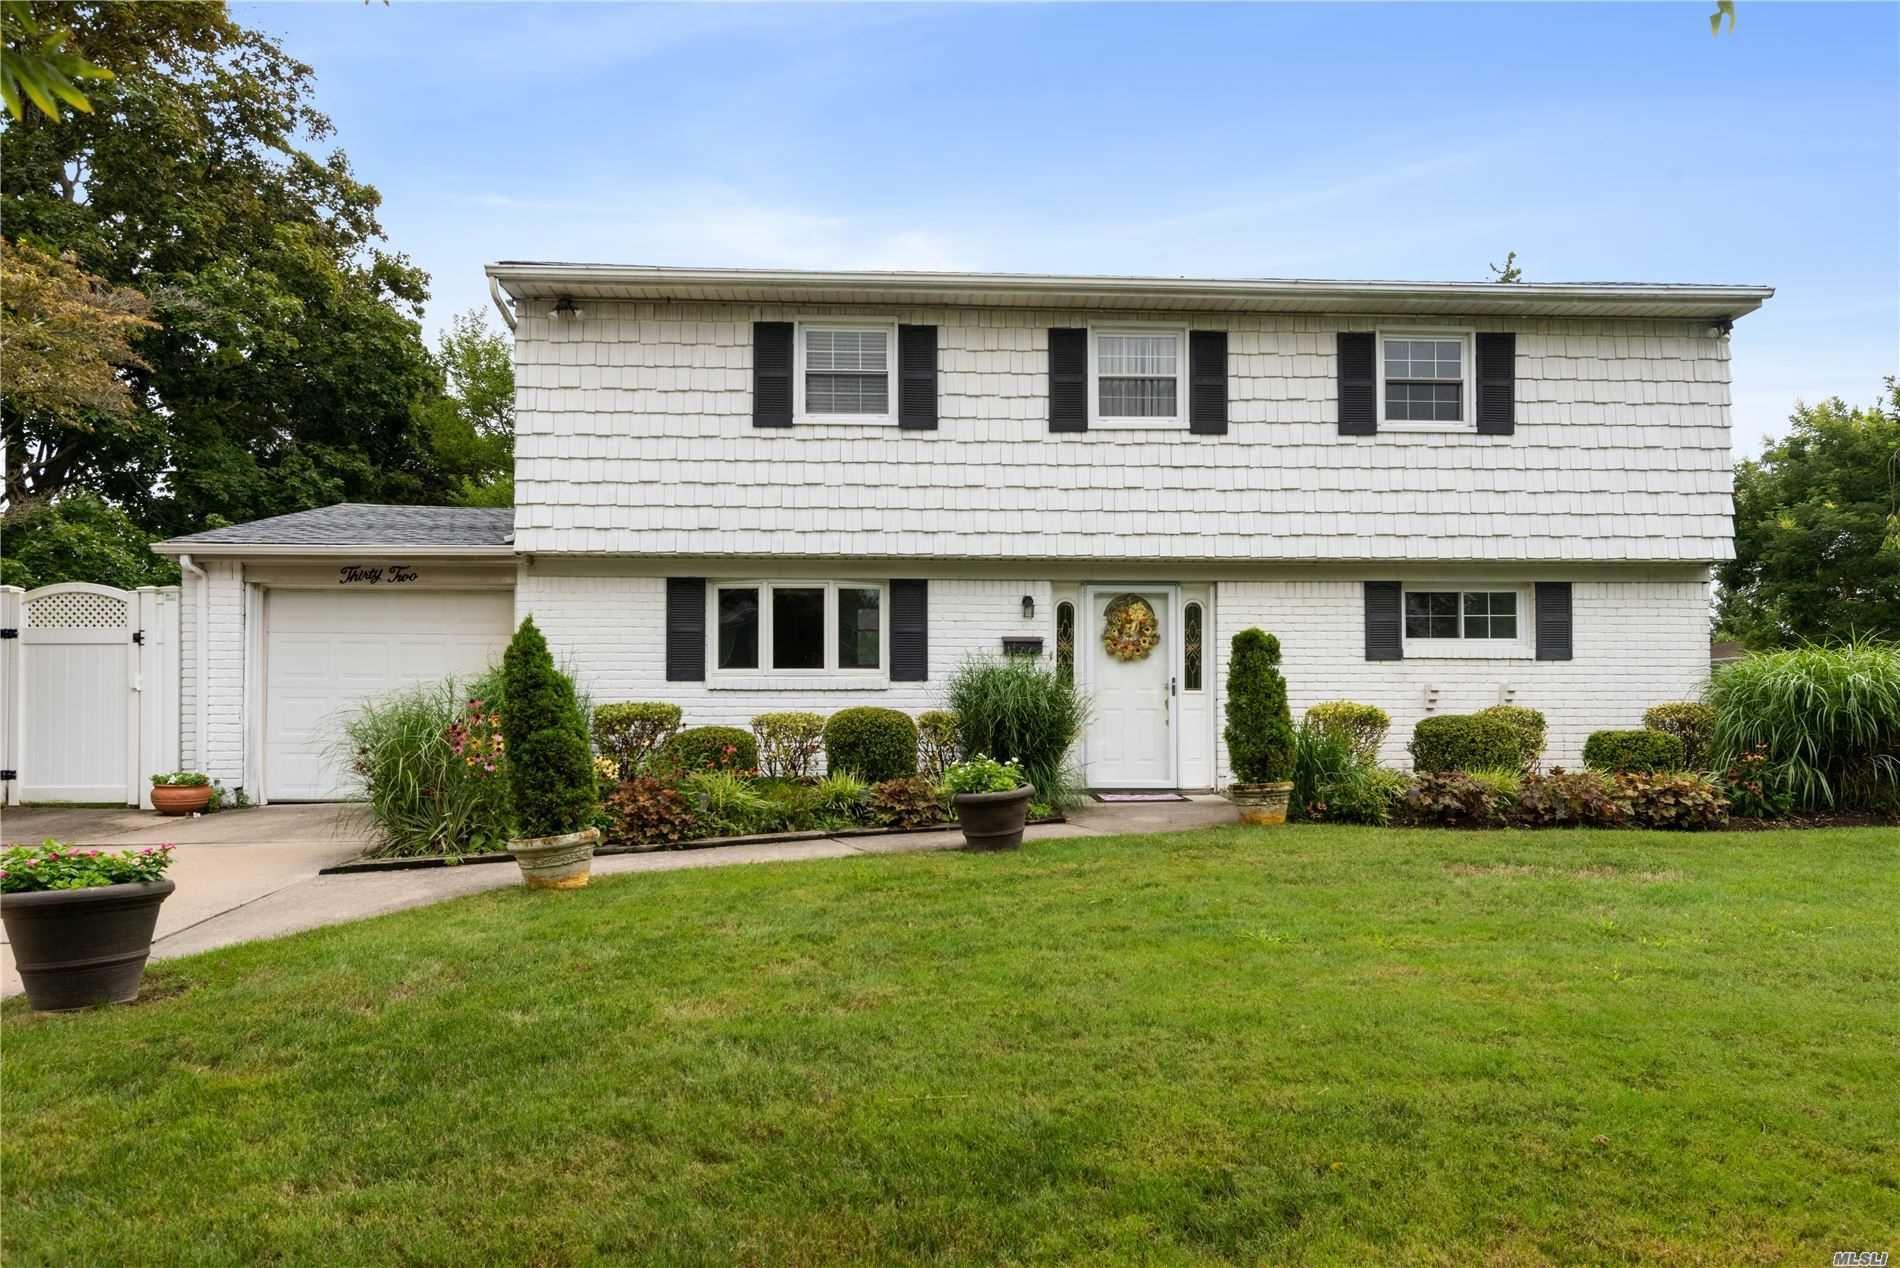 32 E Park Drive, Old Bethpage, NY 11804 - MLS#: 3241324